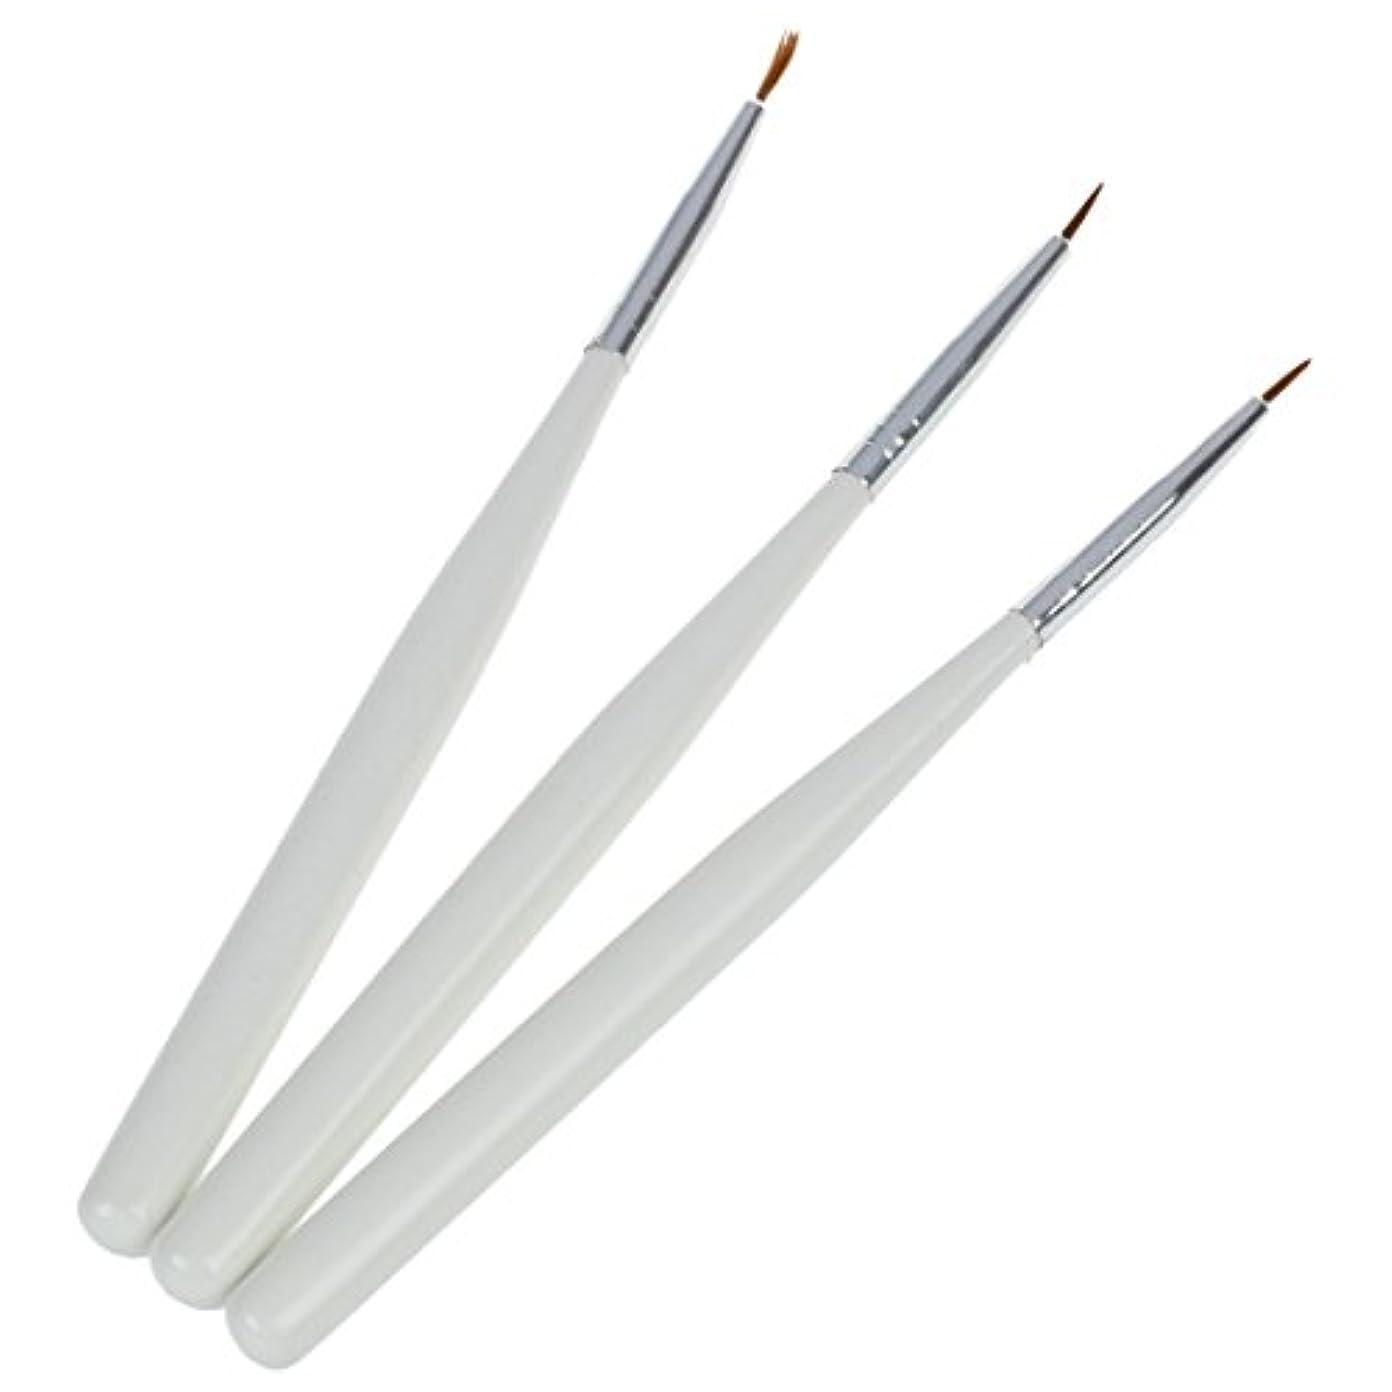 ソケットフィヨルド吸い込むGaoominy 3 ホワイト ネイルアートデザインペン 絵画点在ブラシセット